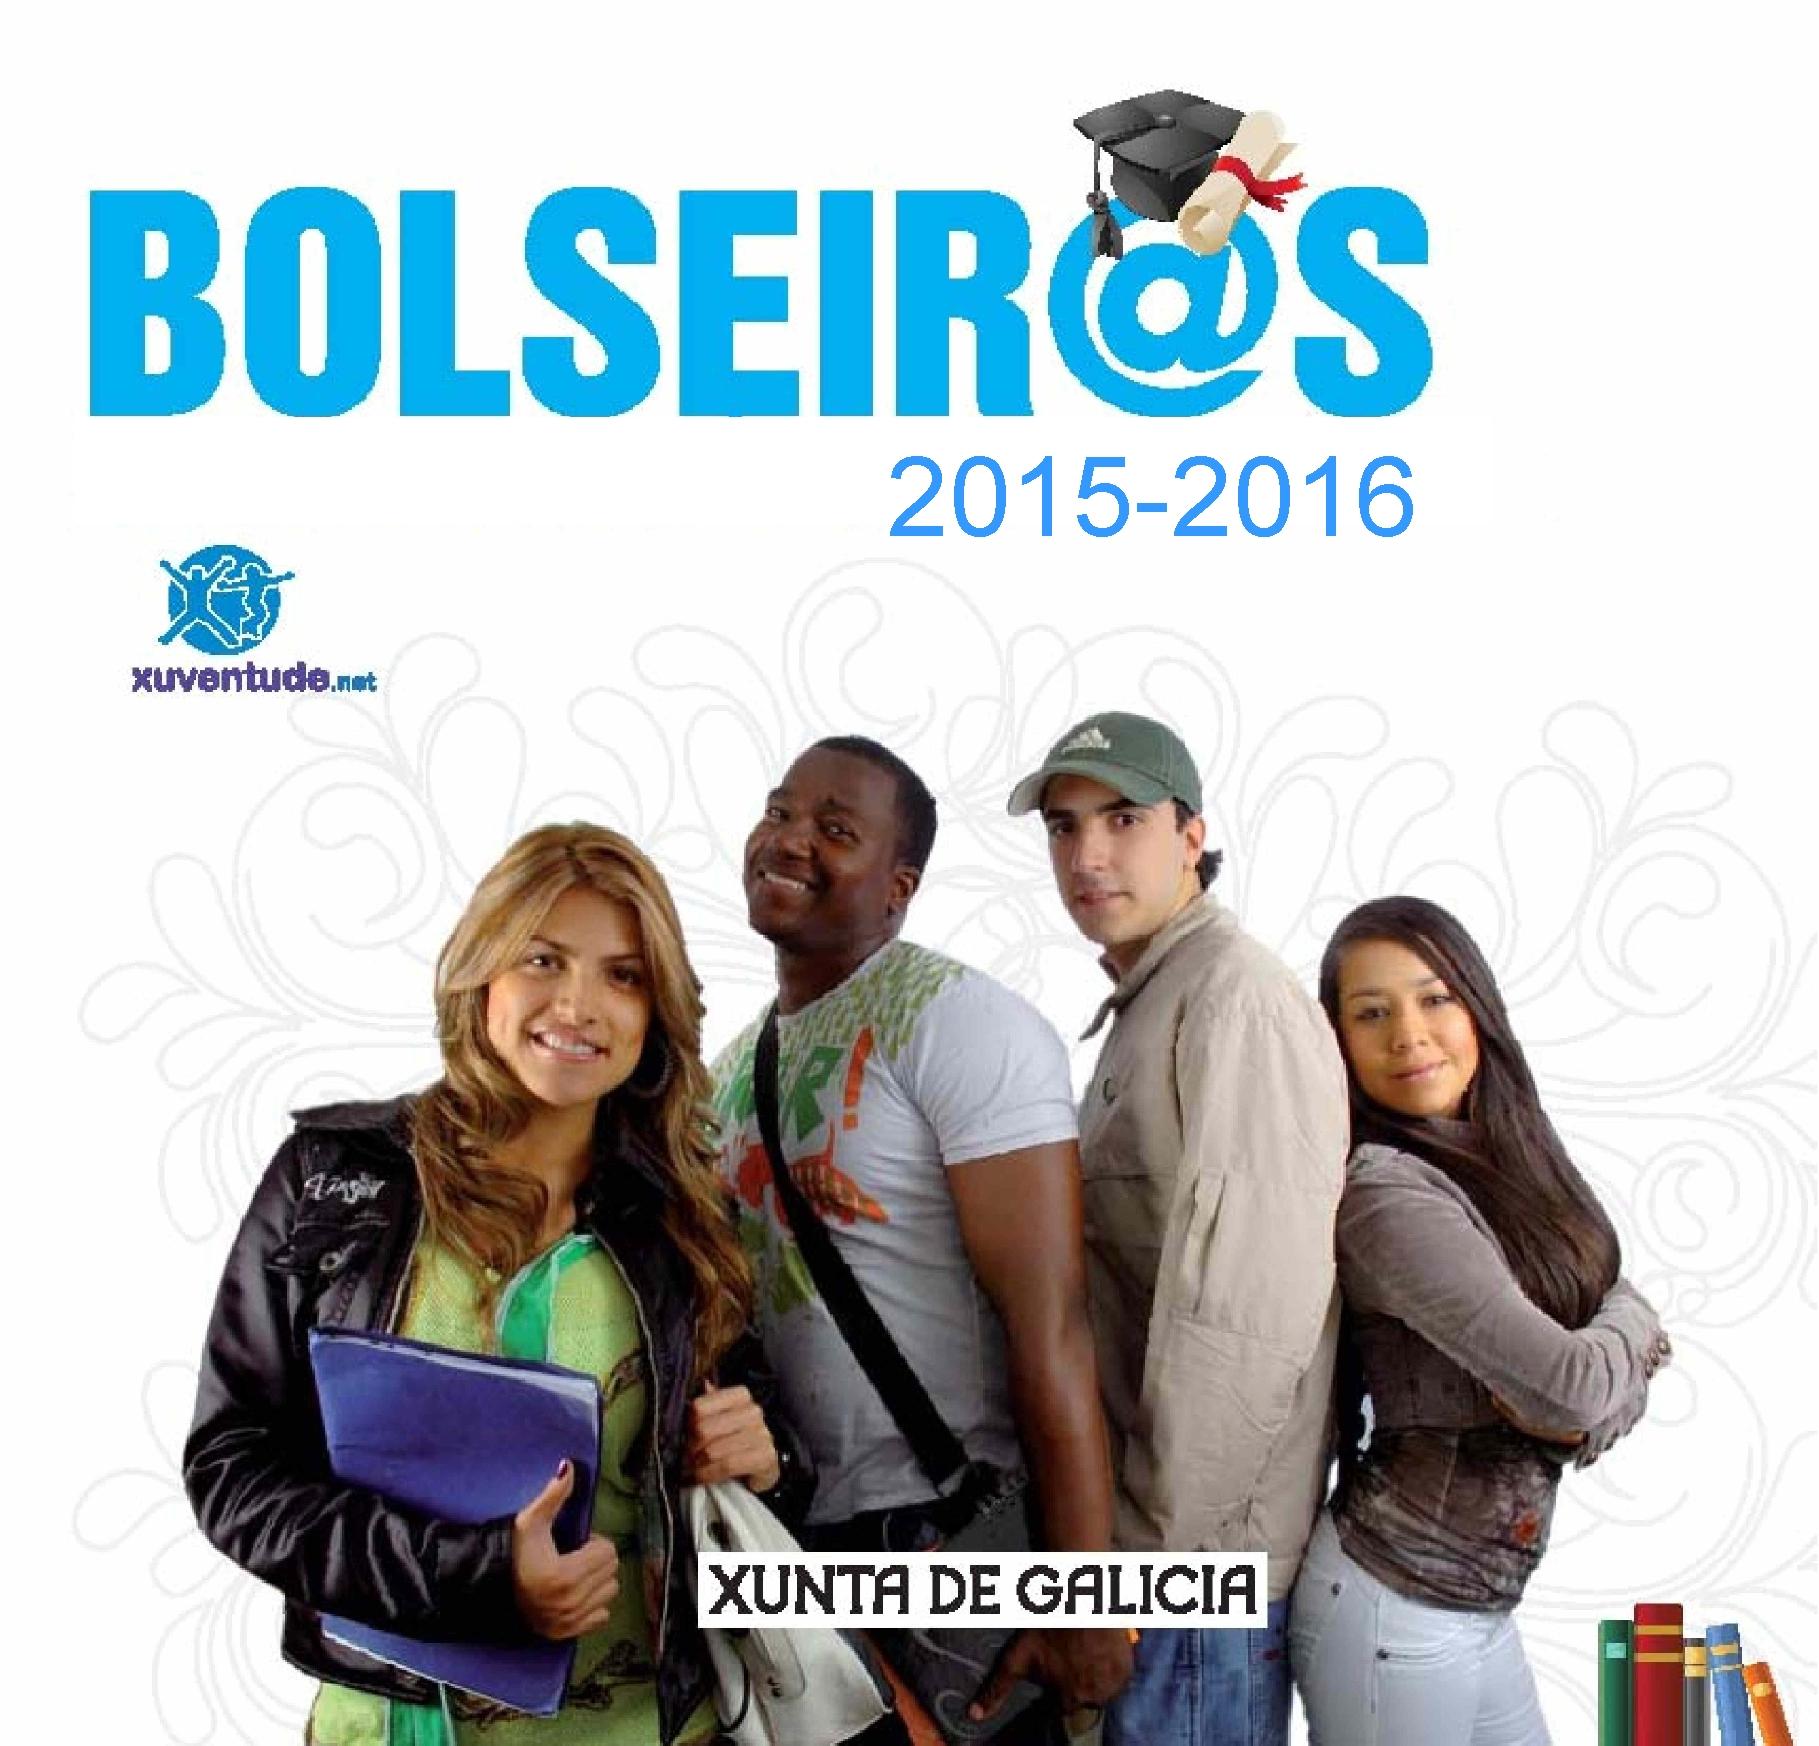 colaboradoresbolseiros2015